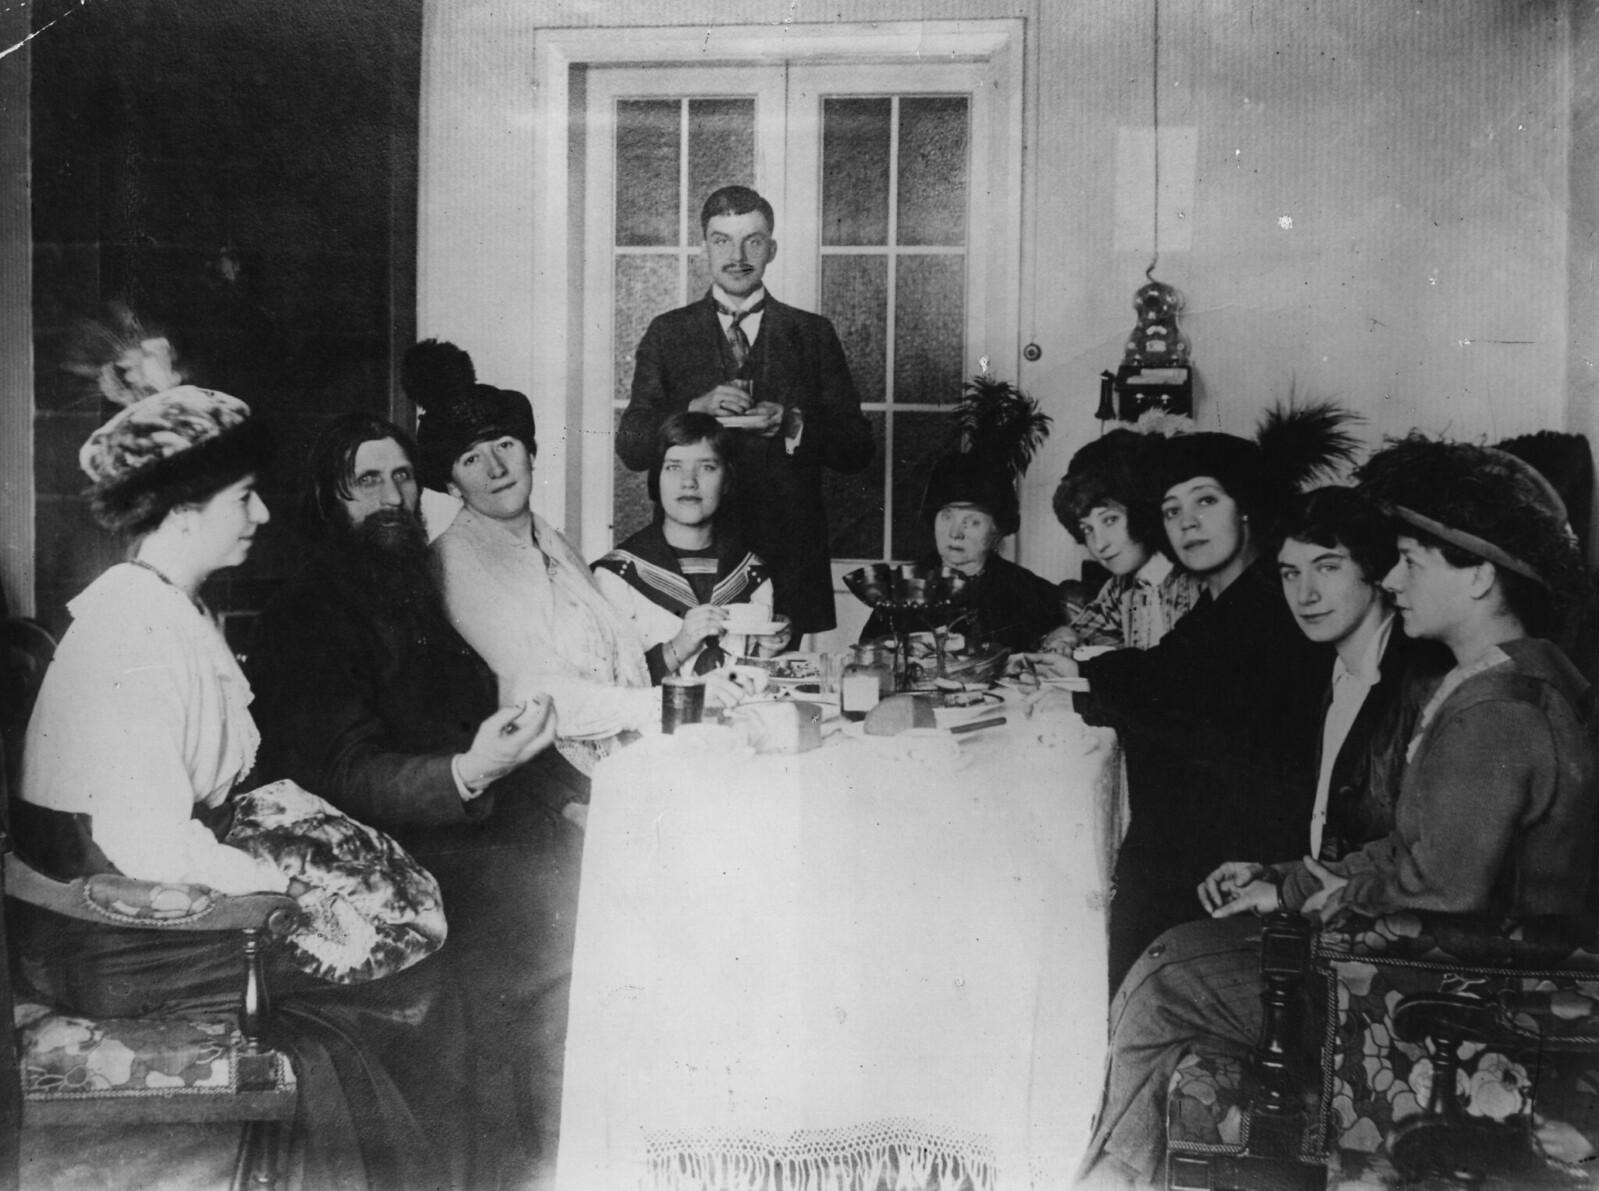 1911. Григорий Распутин в кругу своих родных, близких, поклонниц и почитателей